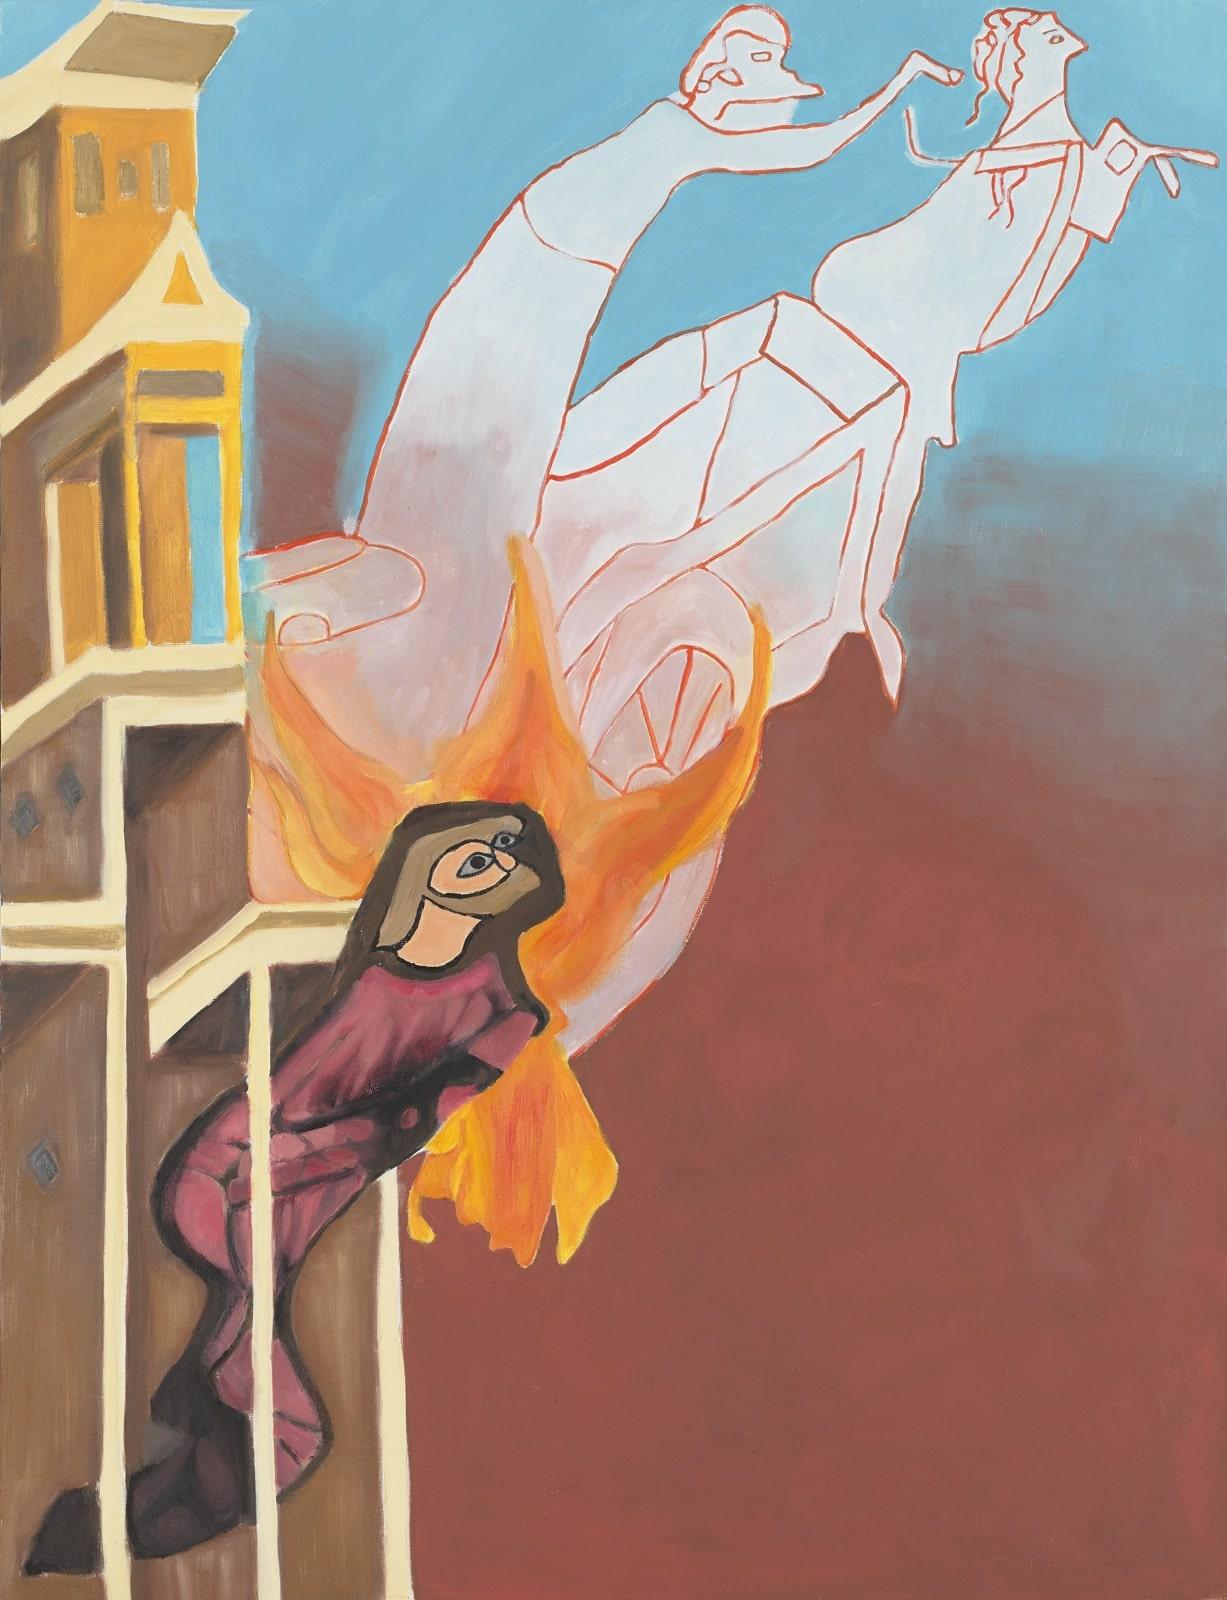 Tableau contemporain - Peinture à l'huile : Un frère mineur voyant Saint François monter au ciel dans un char en feu